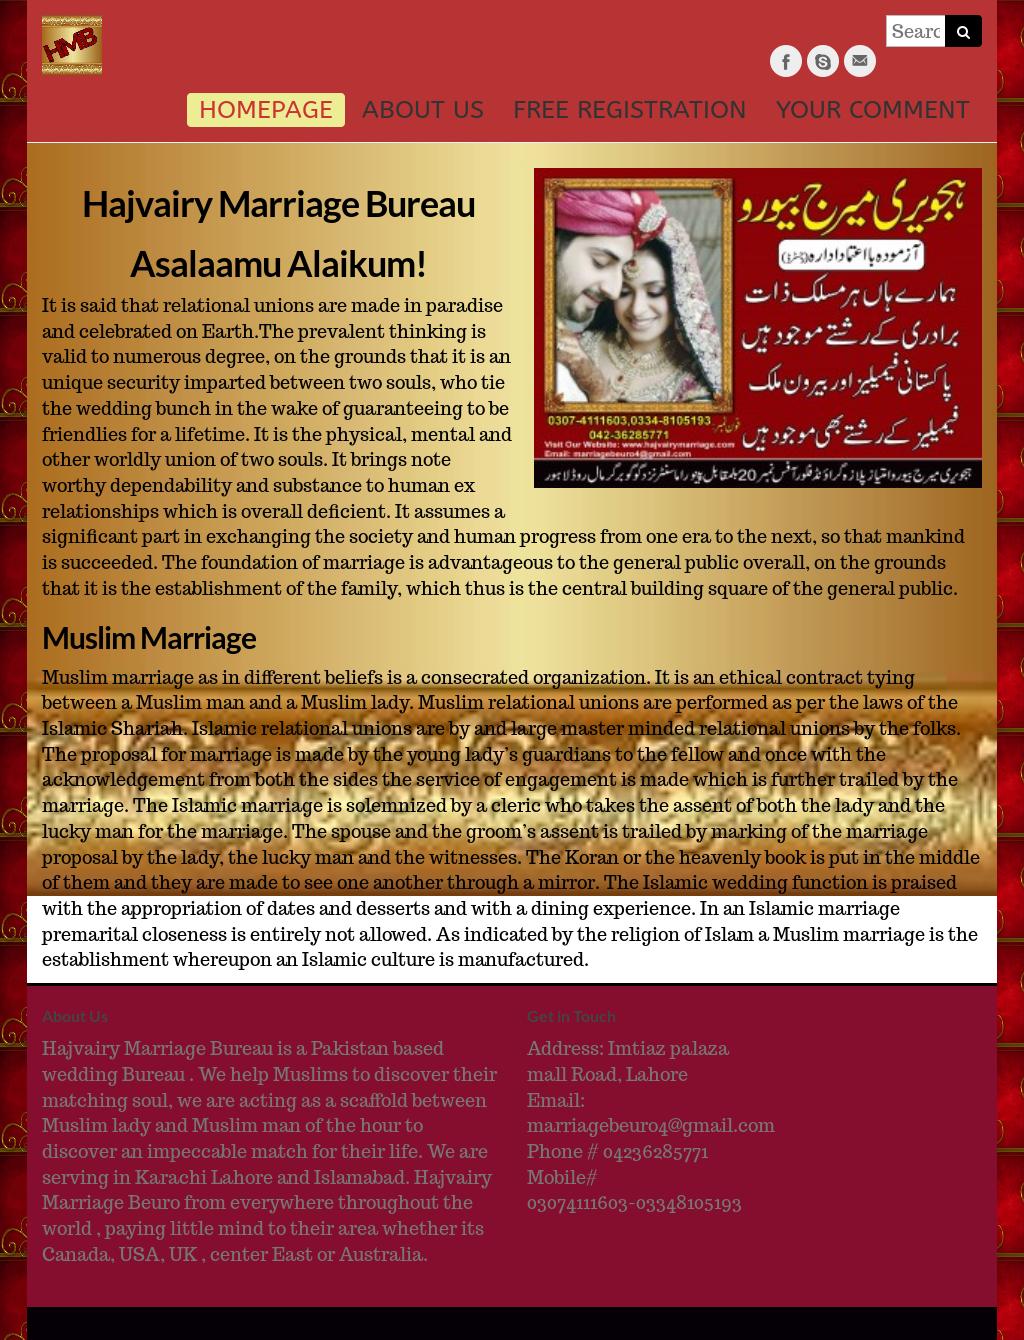 Hajvairymarriagebeuro Competitors, Revenue and Employees